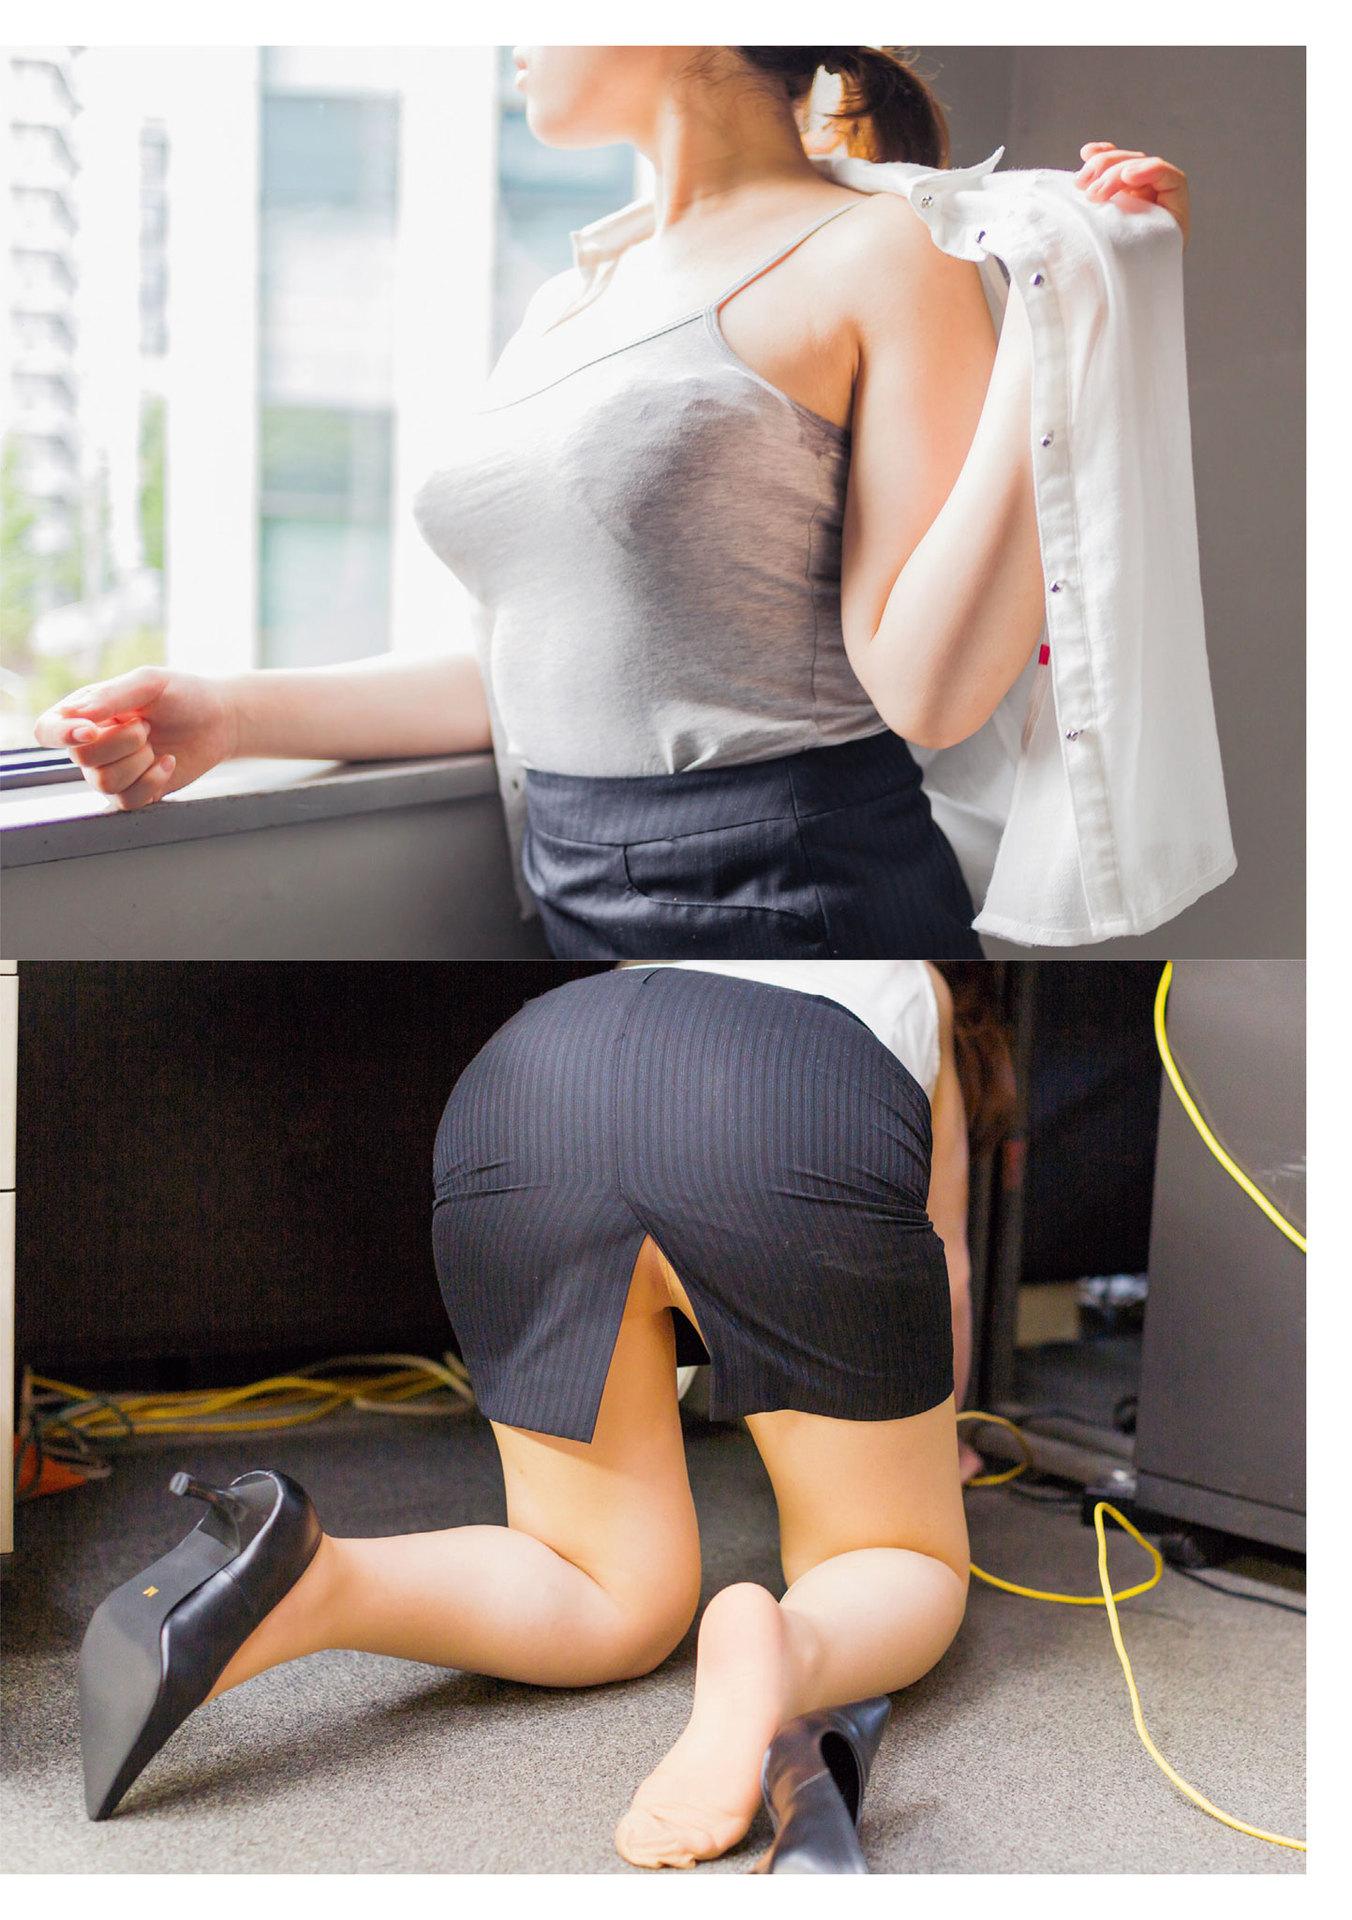 Uniform, swimsuit, underwear yukata094